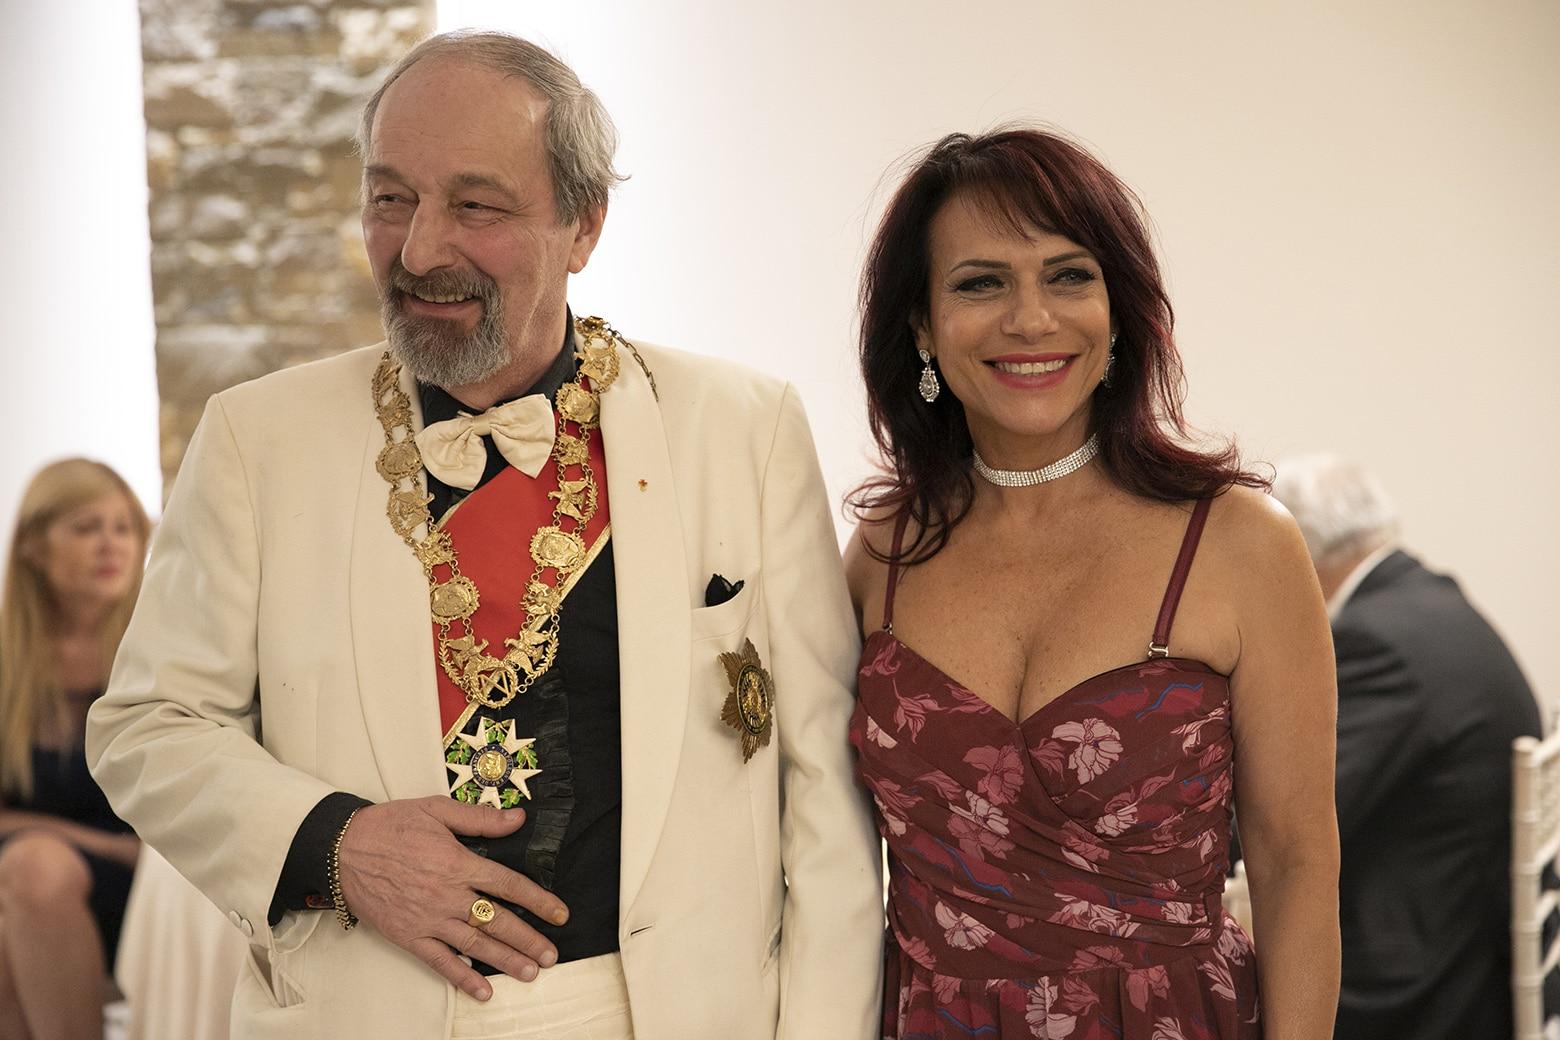 Roberta Zanfranceschi